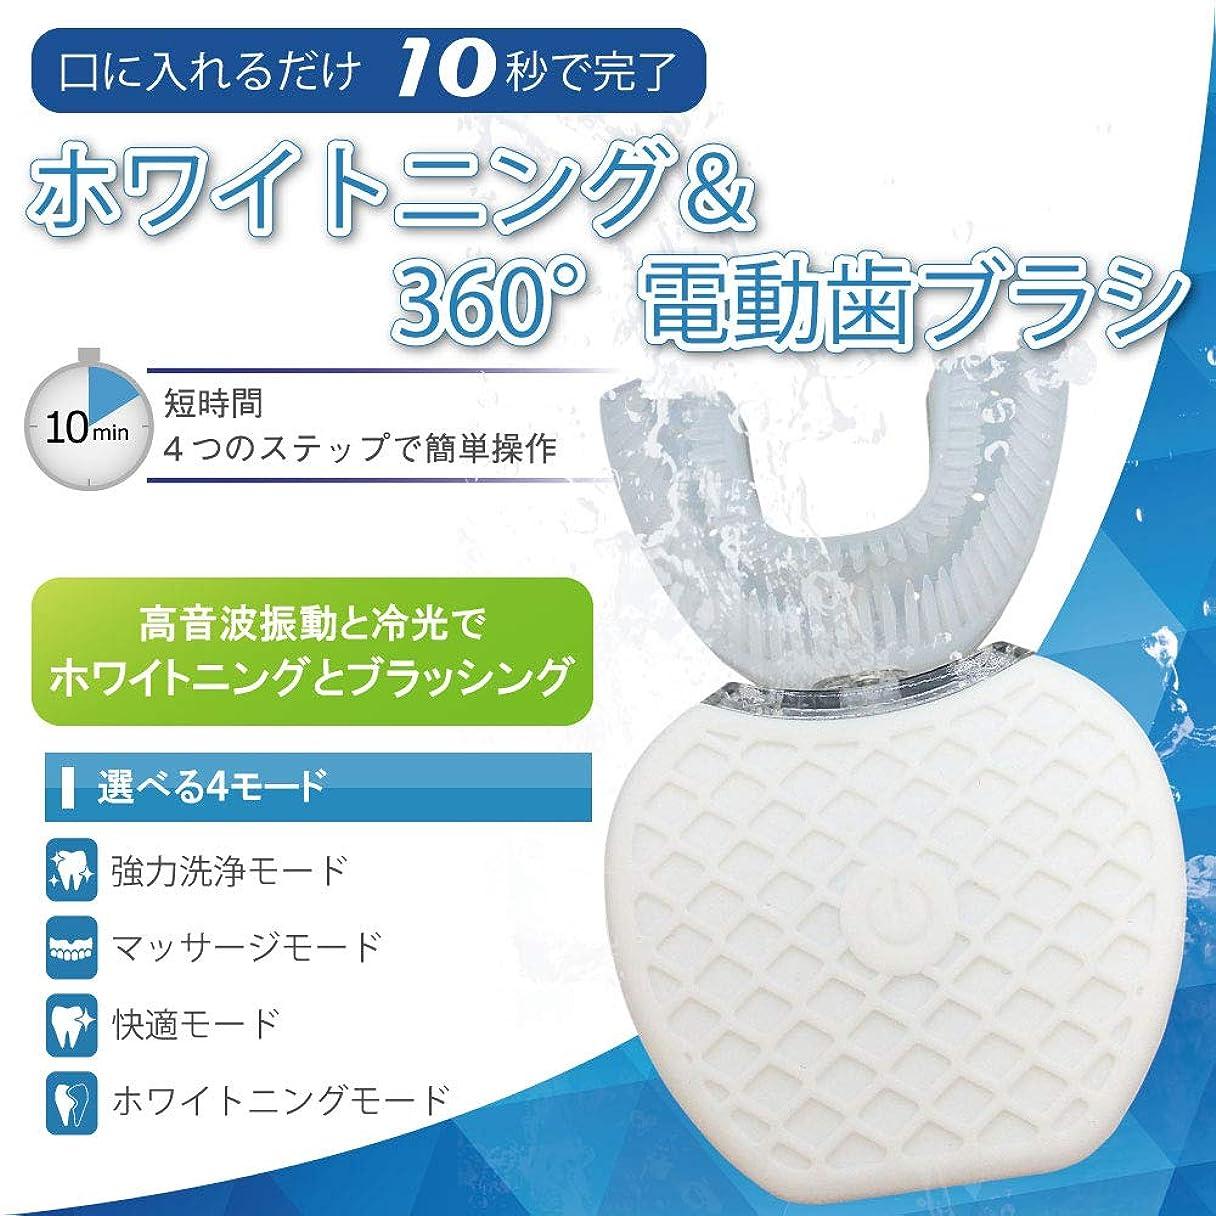 ドレス活性化する収束口に咥えるだけで歯全体を自動でブラッシング! マウスクリン